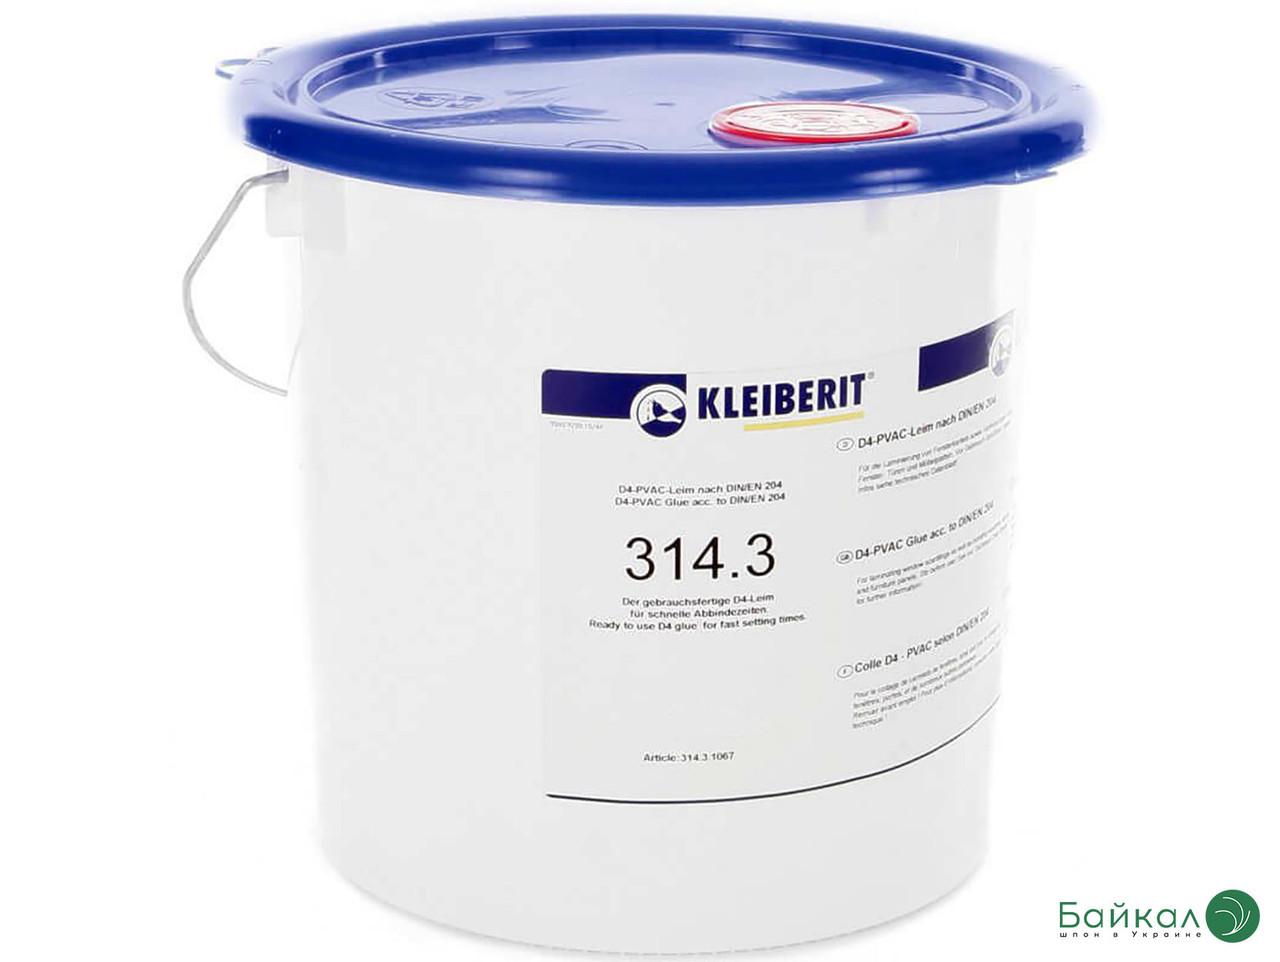 Однокомпонентный водостойкий клей KLEIBERIT 314.3 —  ПВА-дисперсия D4 для наружных изделий (ведро 16 кг)